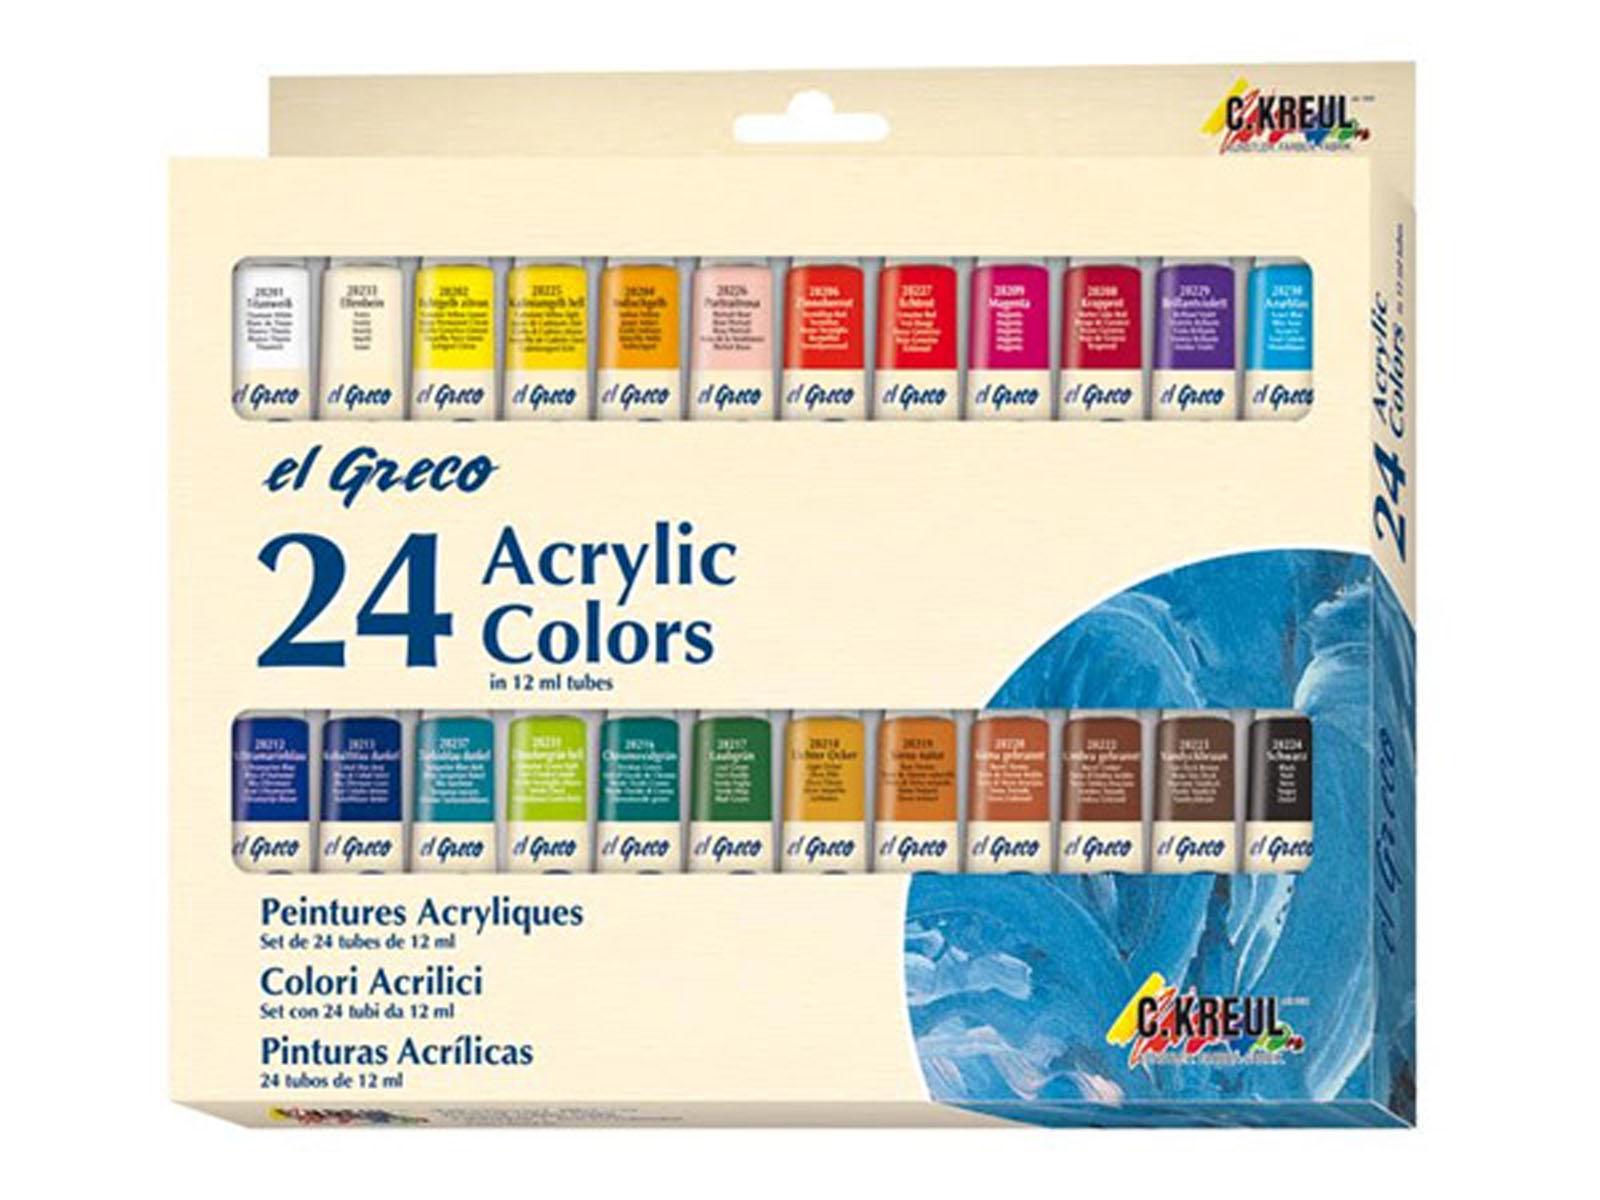 Краски акриловые Kreul El Greco, 24 цветаFS-54103Набор художественных акриловых красок для учащихся и профессионалов. На водной основе для таких поверхностей, как холст, картон, бумага, камень, металл, кожа и многих других. Краски быстро сохнут, создавая при этом глянцевую поверхность, разбавляются водой, хорошо смешиваются друг с другом. Краски обладают яркими, светостойкими и укрывистыми цветами, могут быть как покрывными, так и прозрачными, наносятся кистью или мастихином, после высыхания поверхность становится водостойкой и эластичной. Состав: 24 акриловые краски в алюминиевых тубах по 12 мл